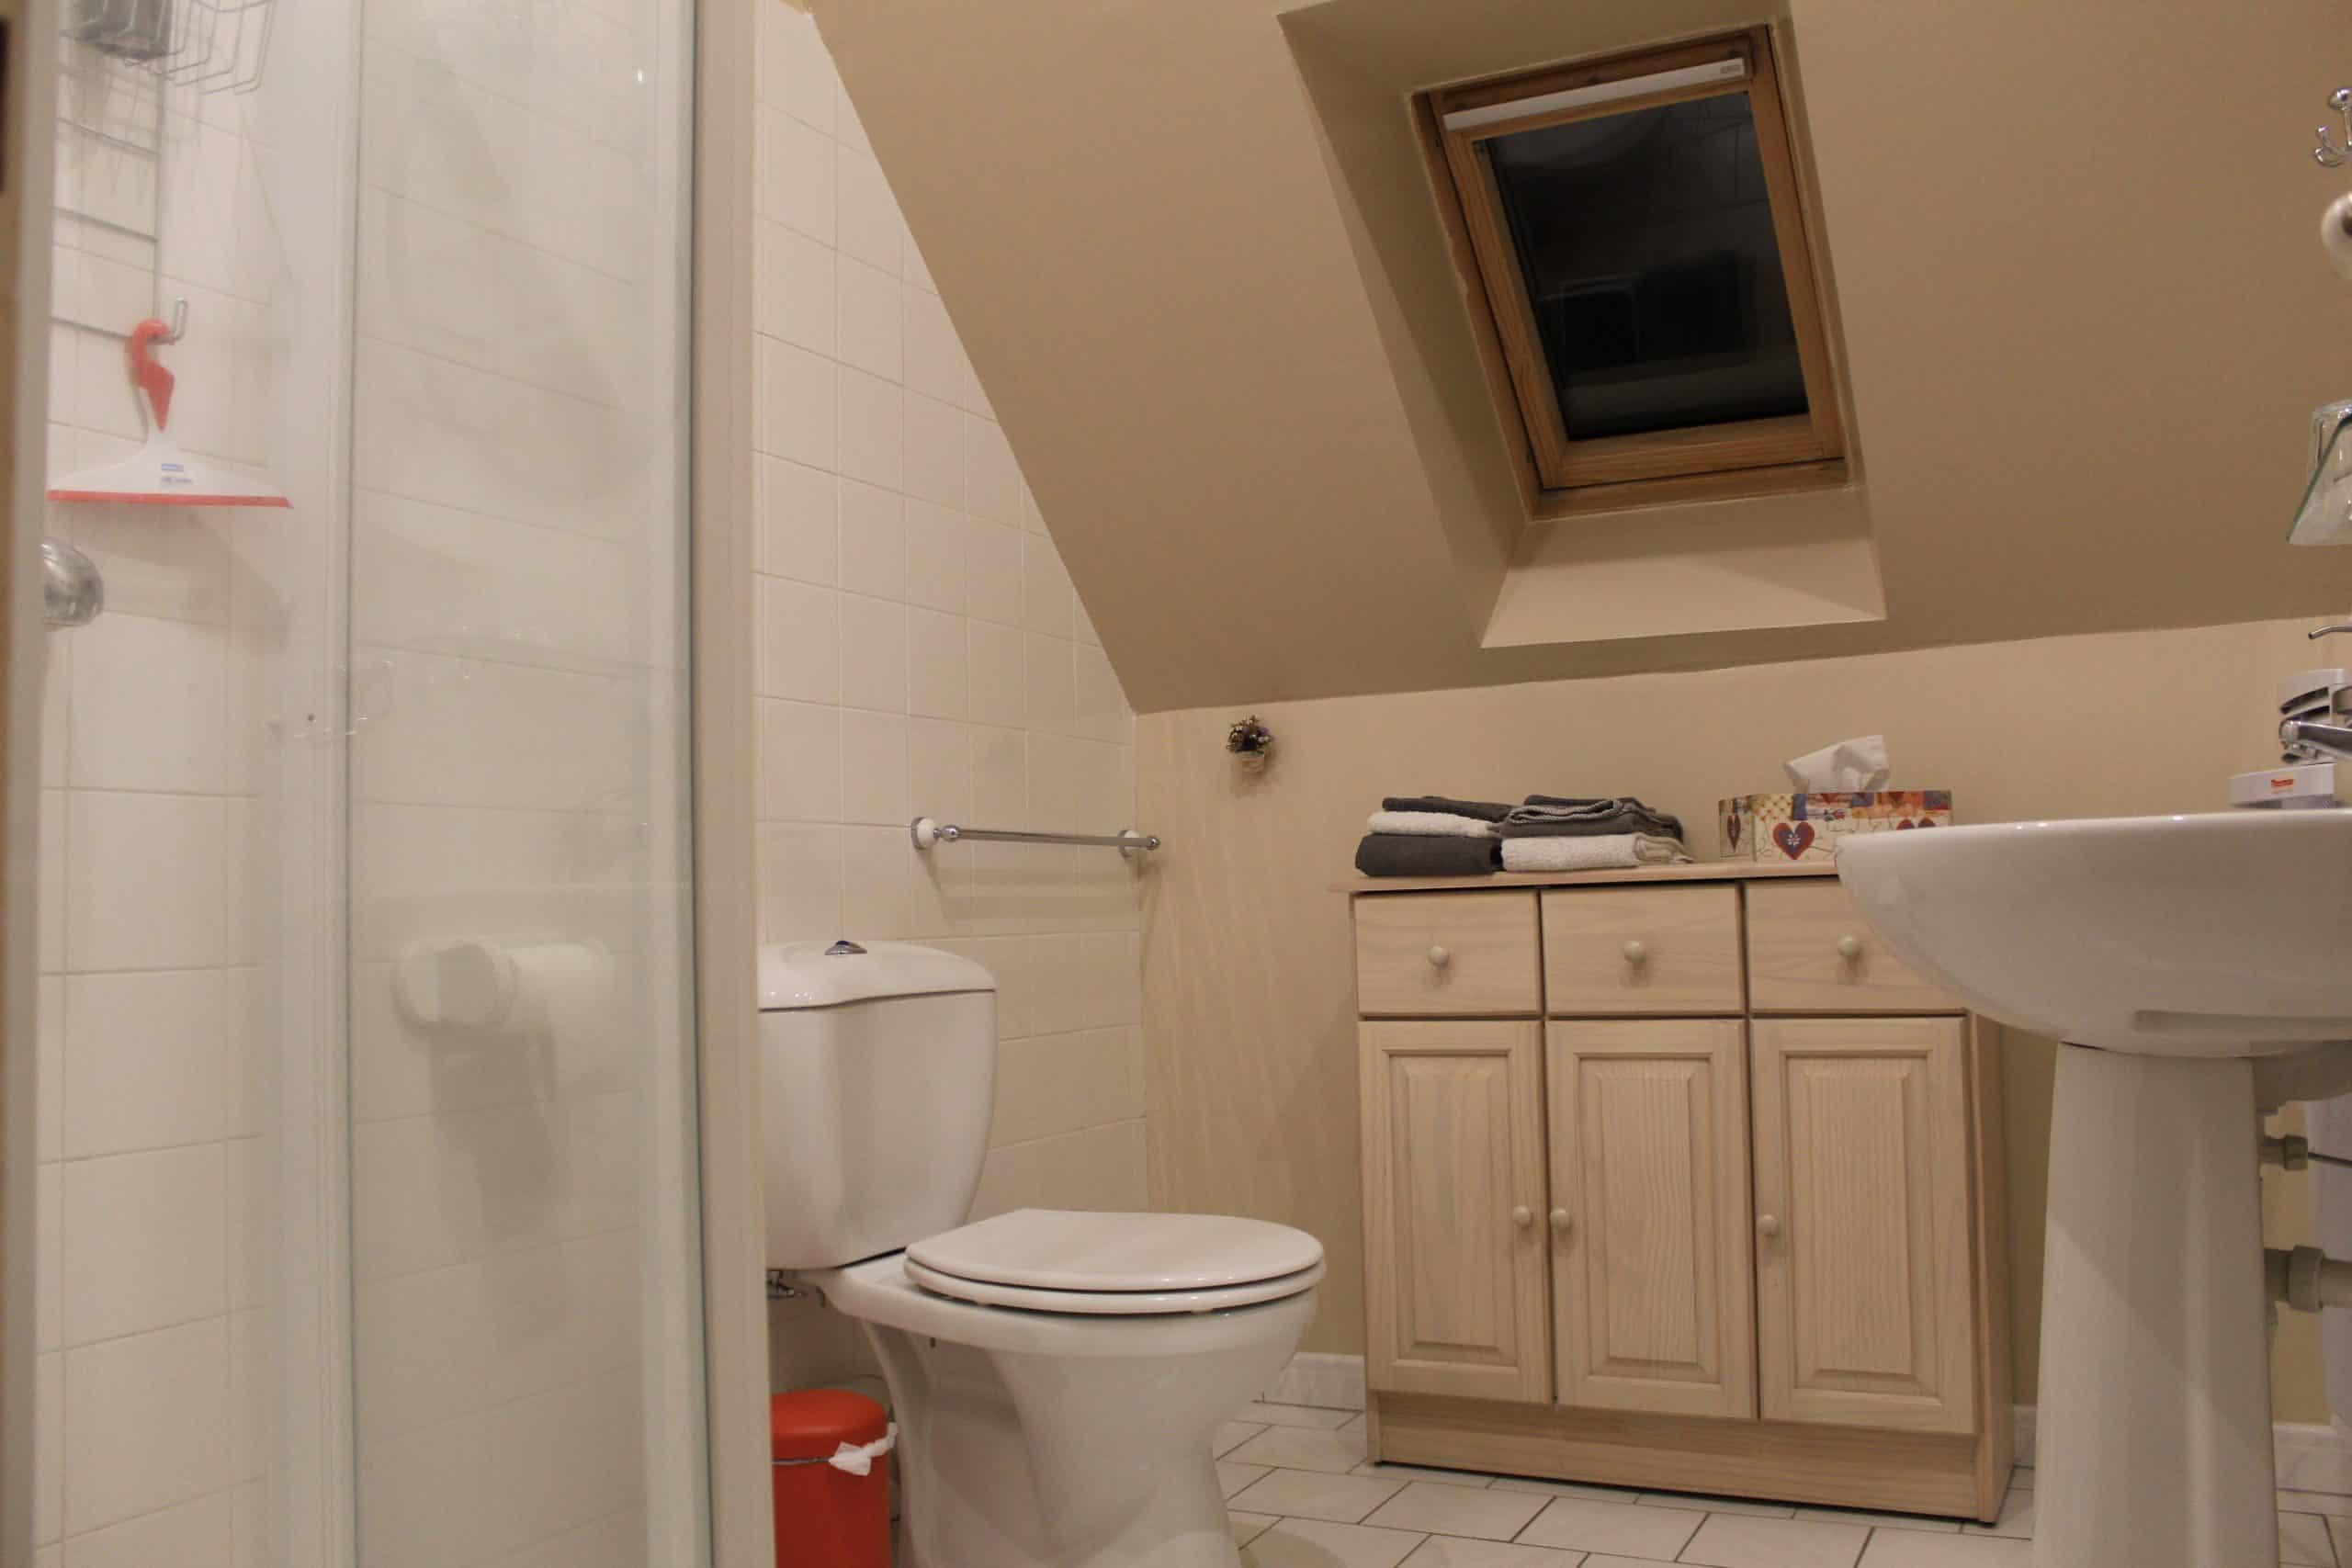 Salle de bain chambre Ronsard, chambres d'hôtes Le Grand Launay à Semblançay